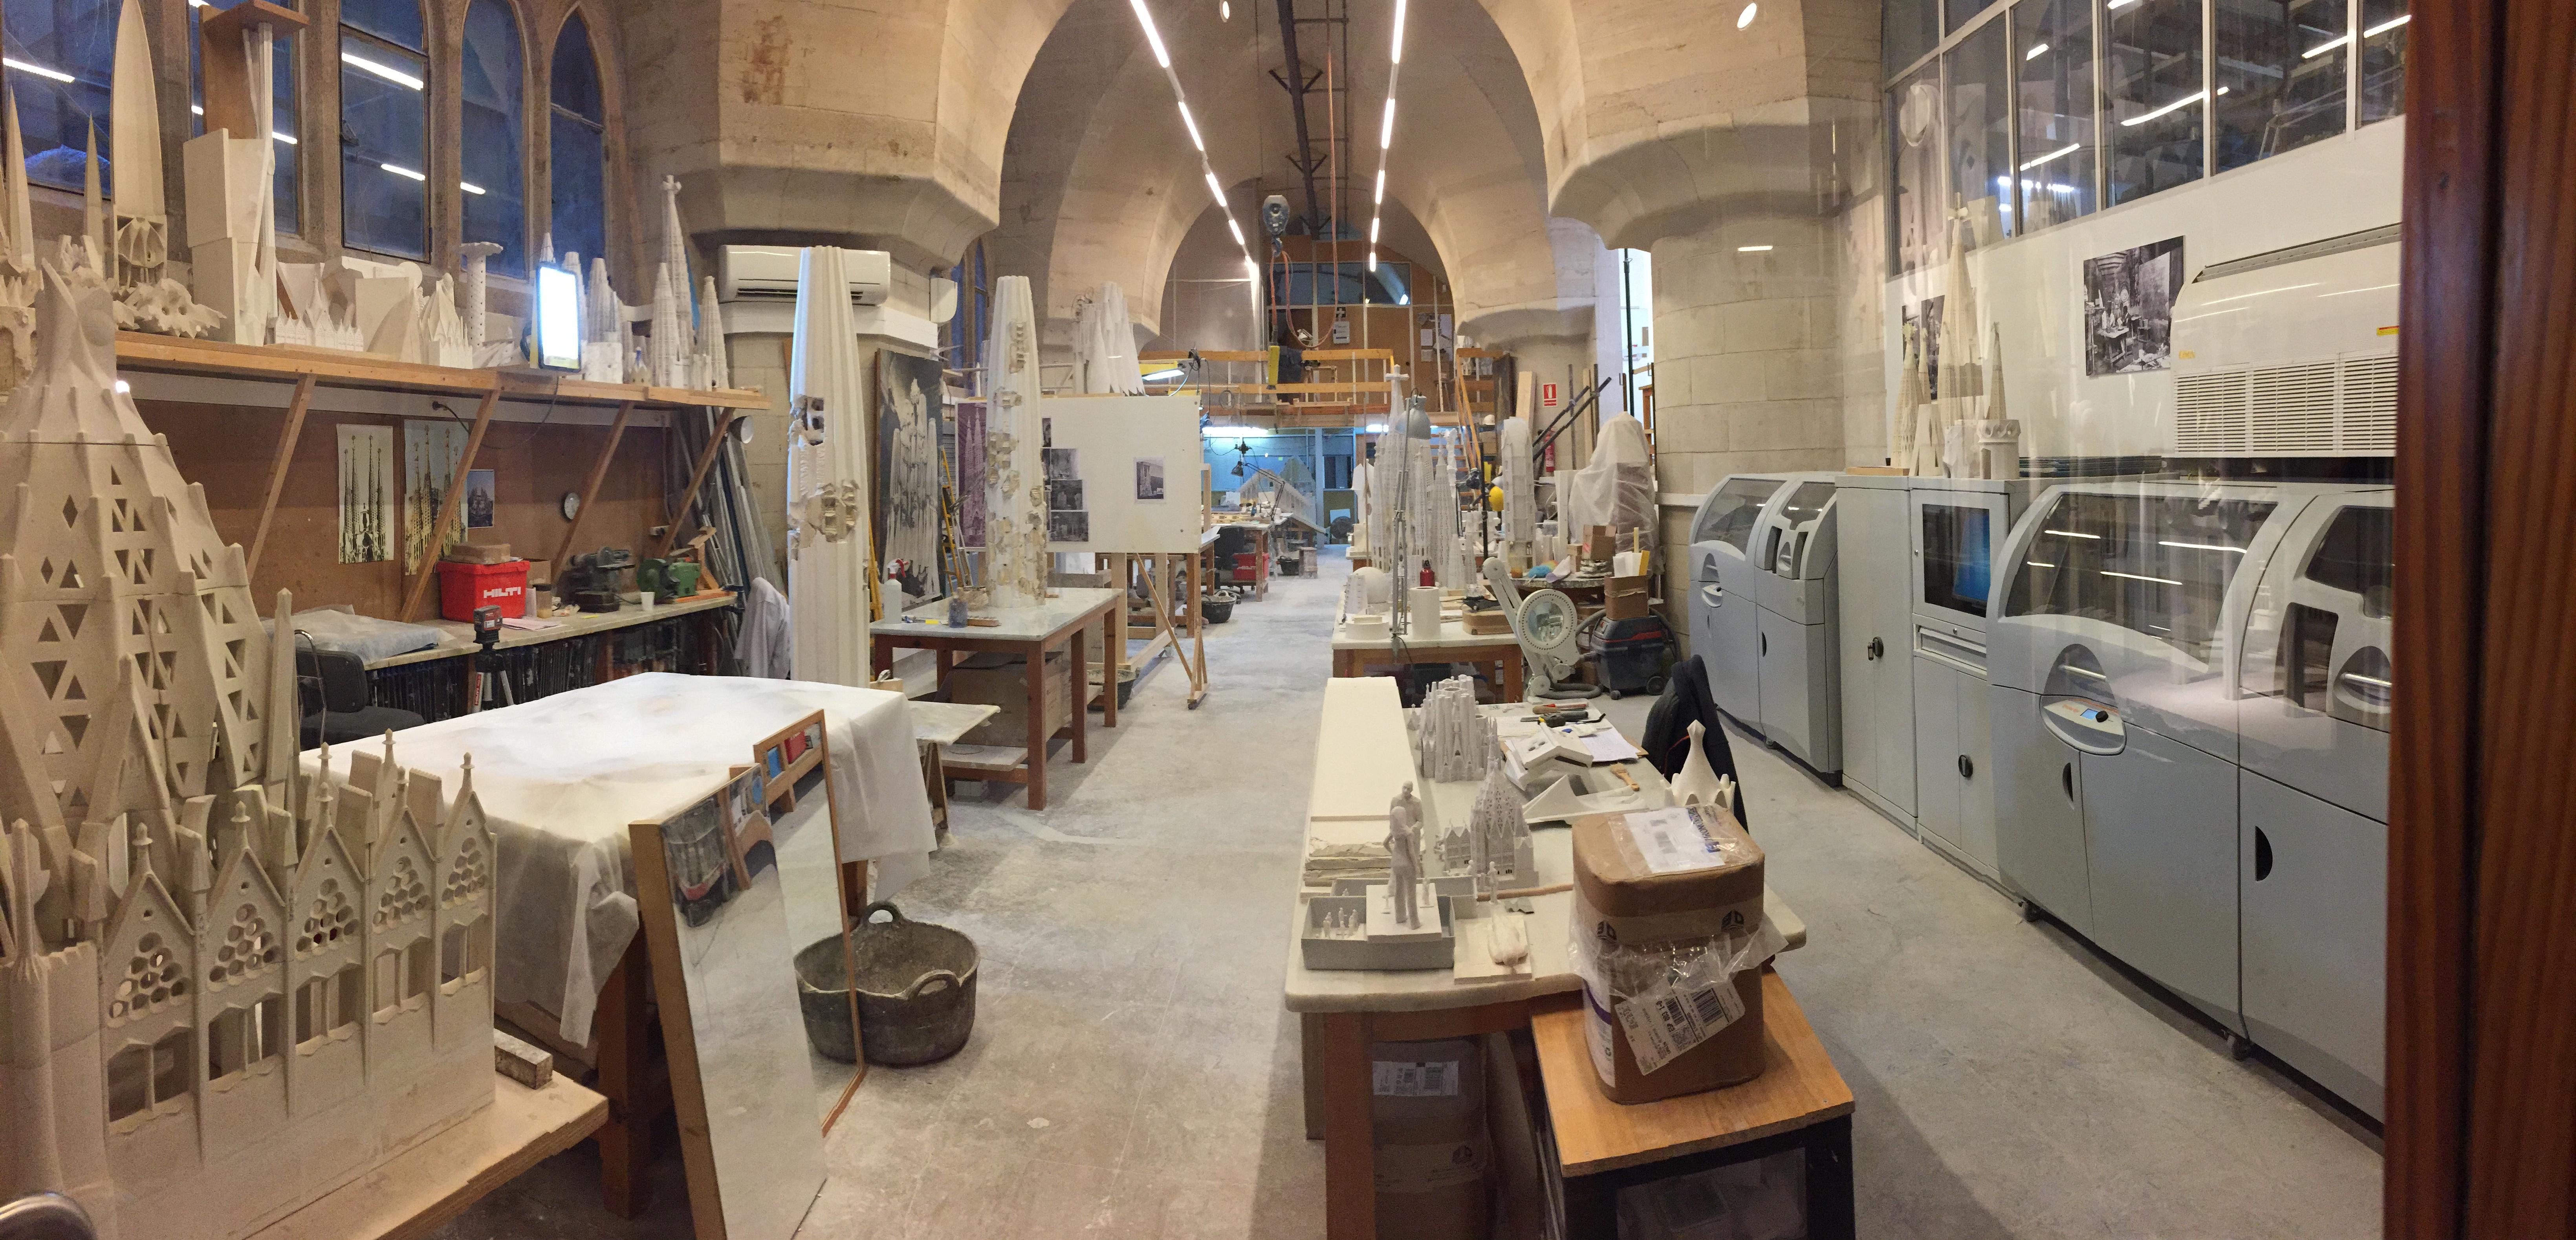 016da1b526d0d There are two projet printers in the basement of the sagrada familia jpg  6558x3156 Sagrada familia